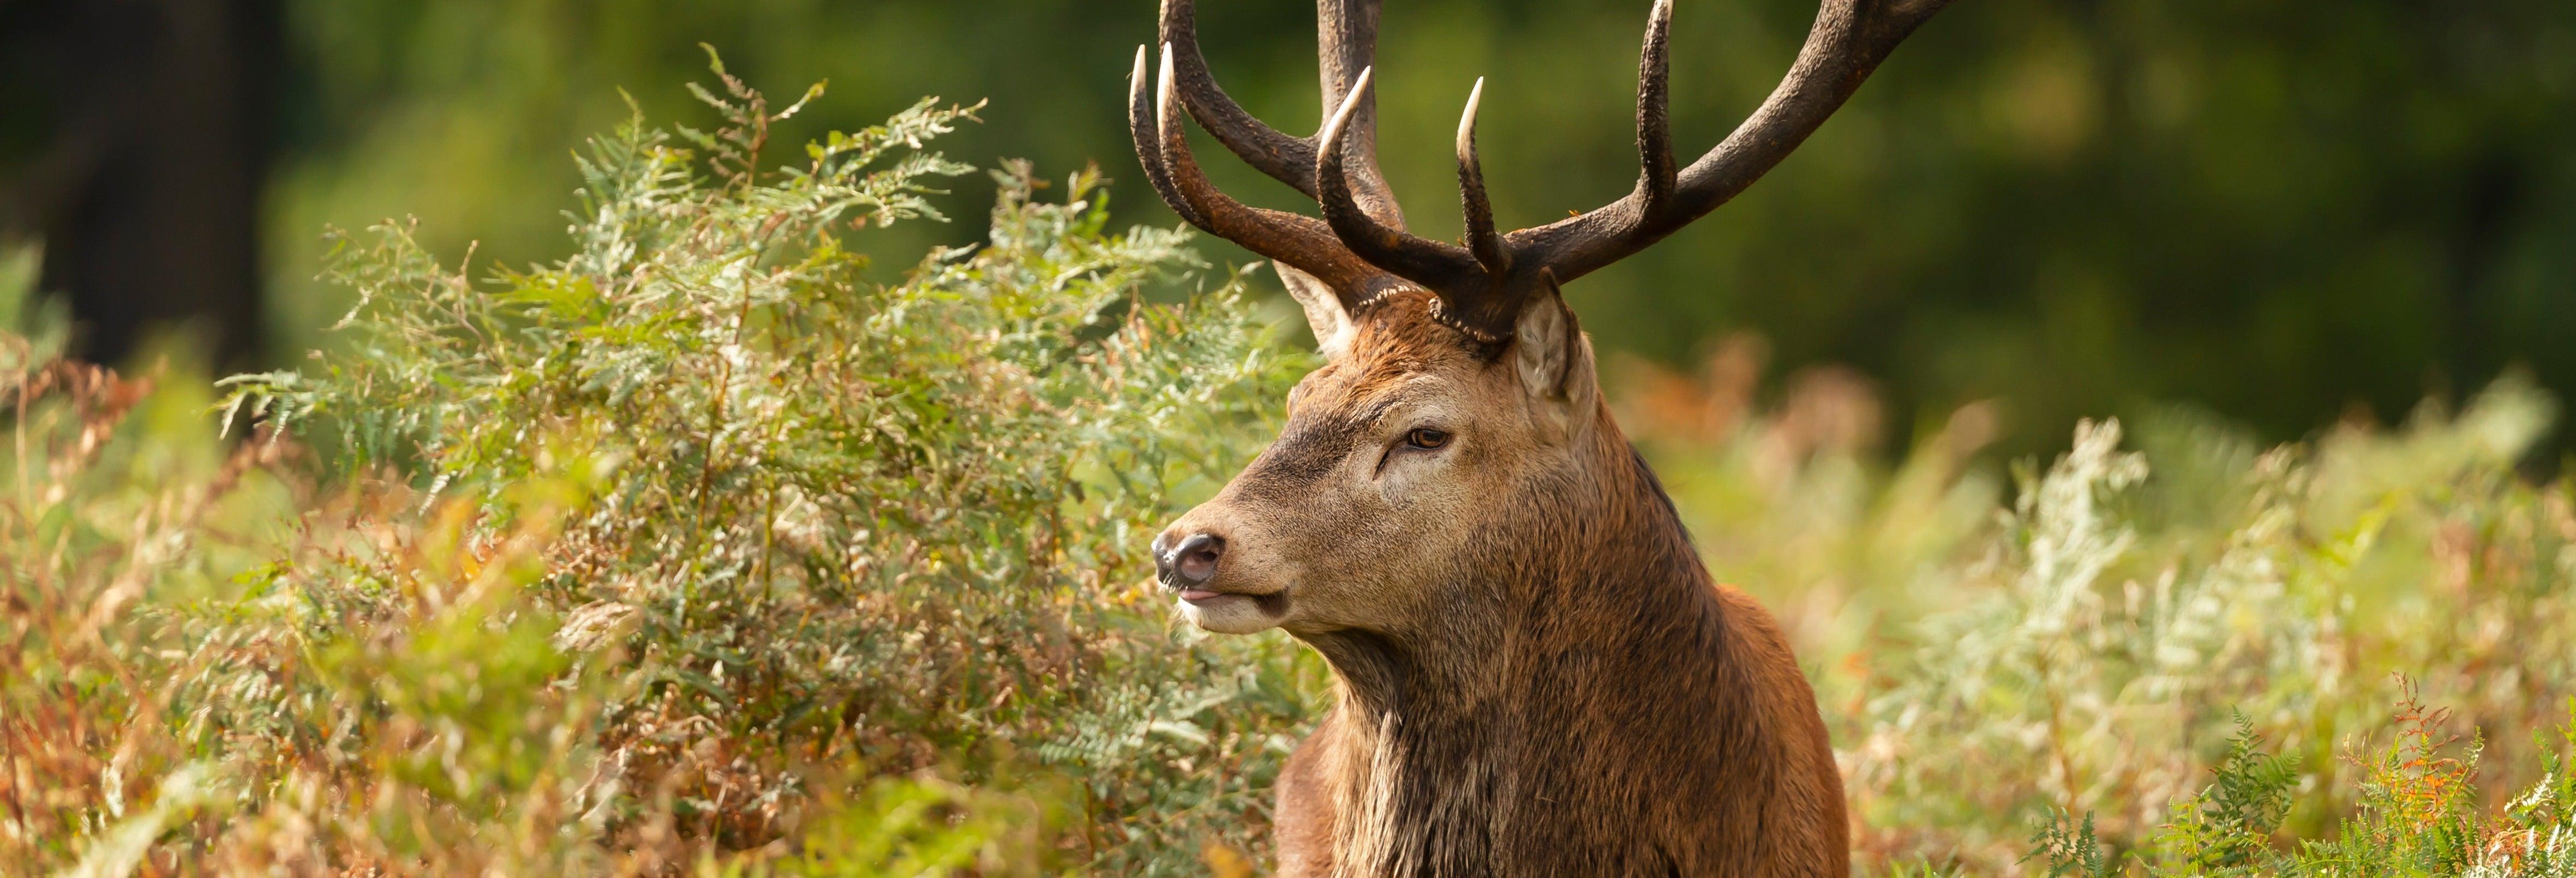 Brama do cervo no Alto Pireneu